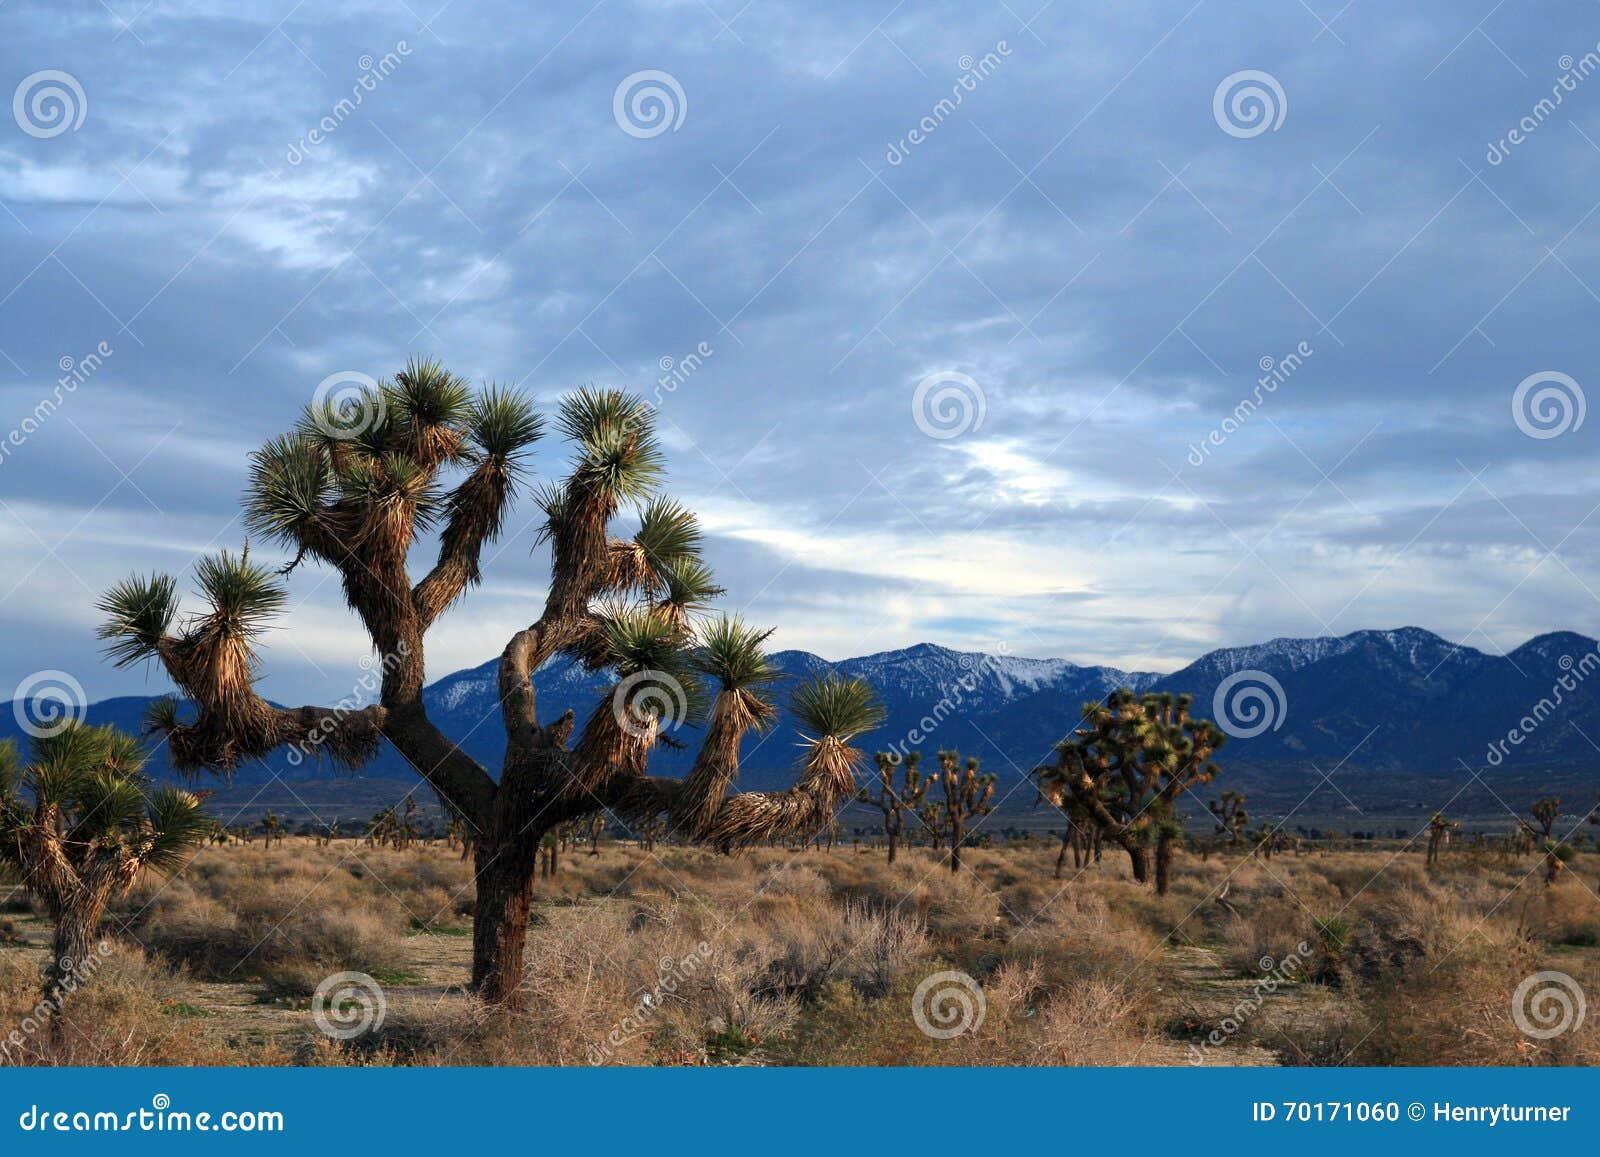 Cloudscape de Joshua Tree en el alto desierto meridional de California cerca de Littlerock California